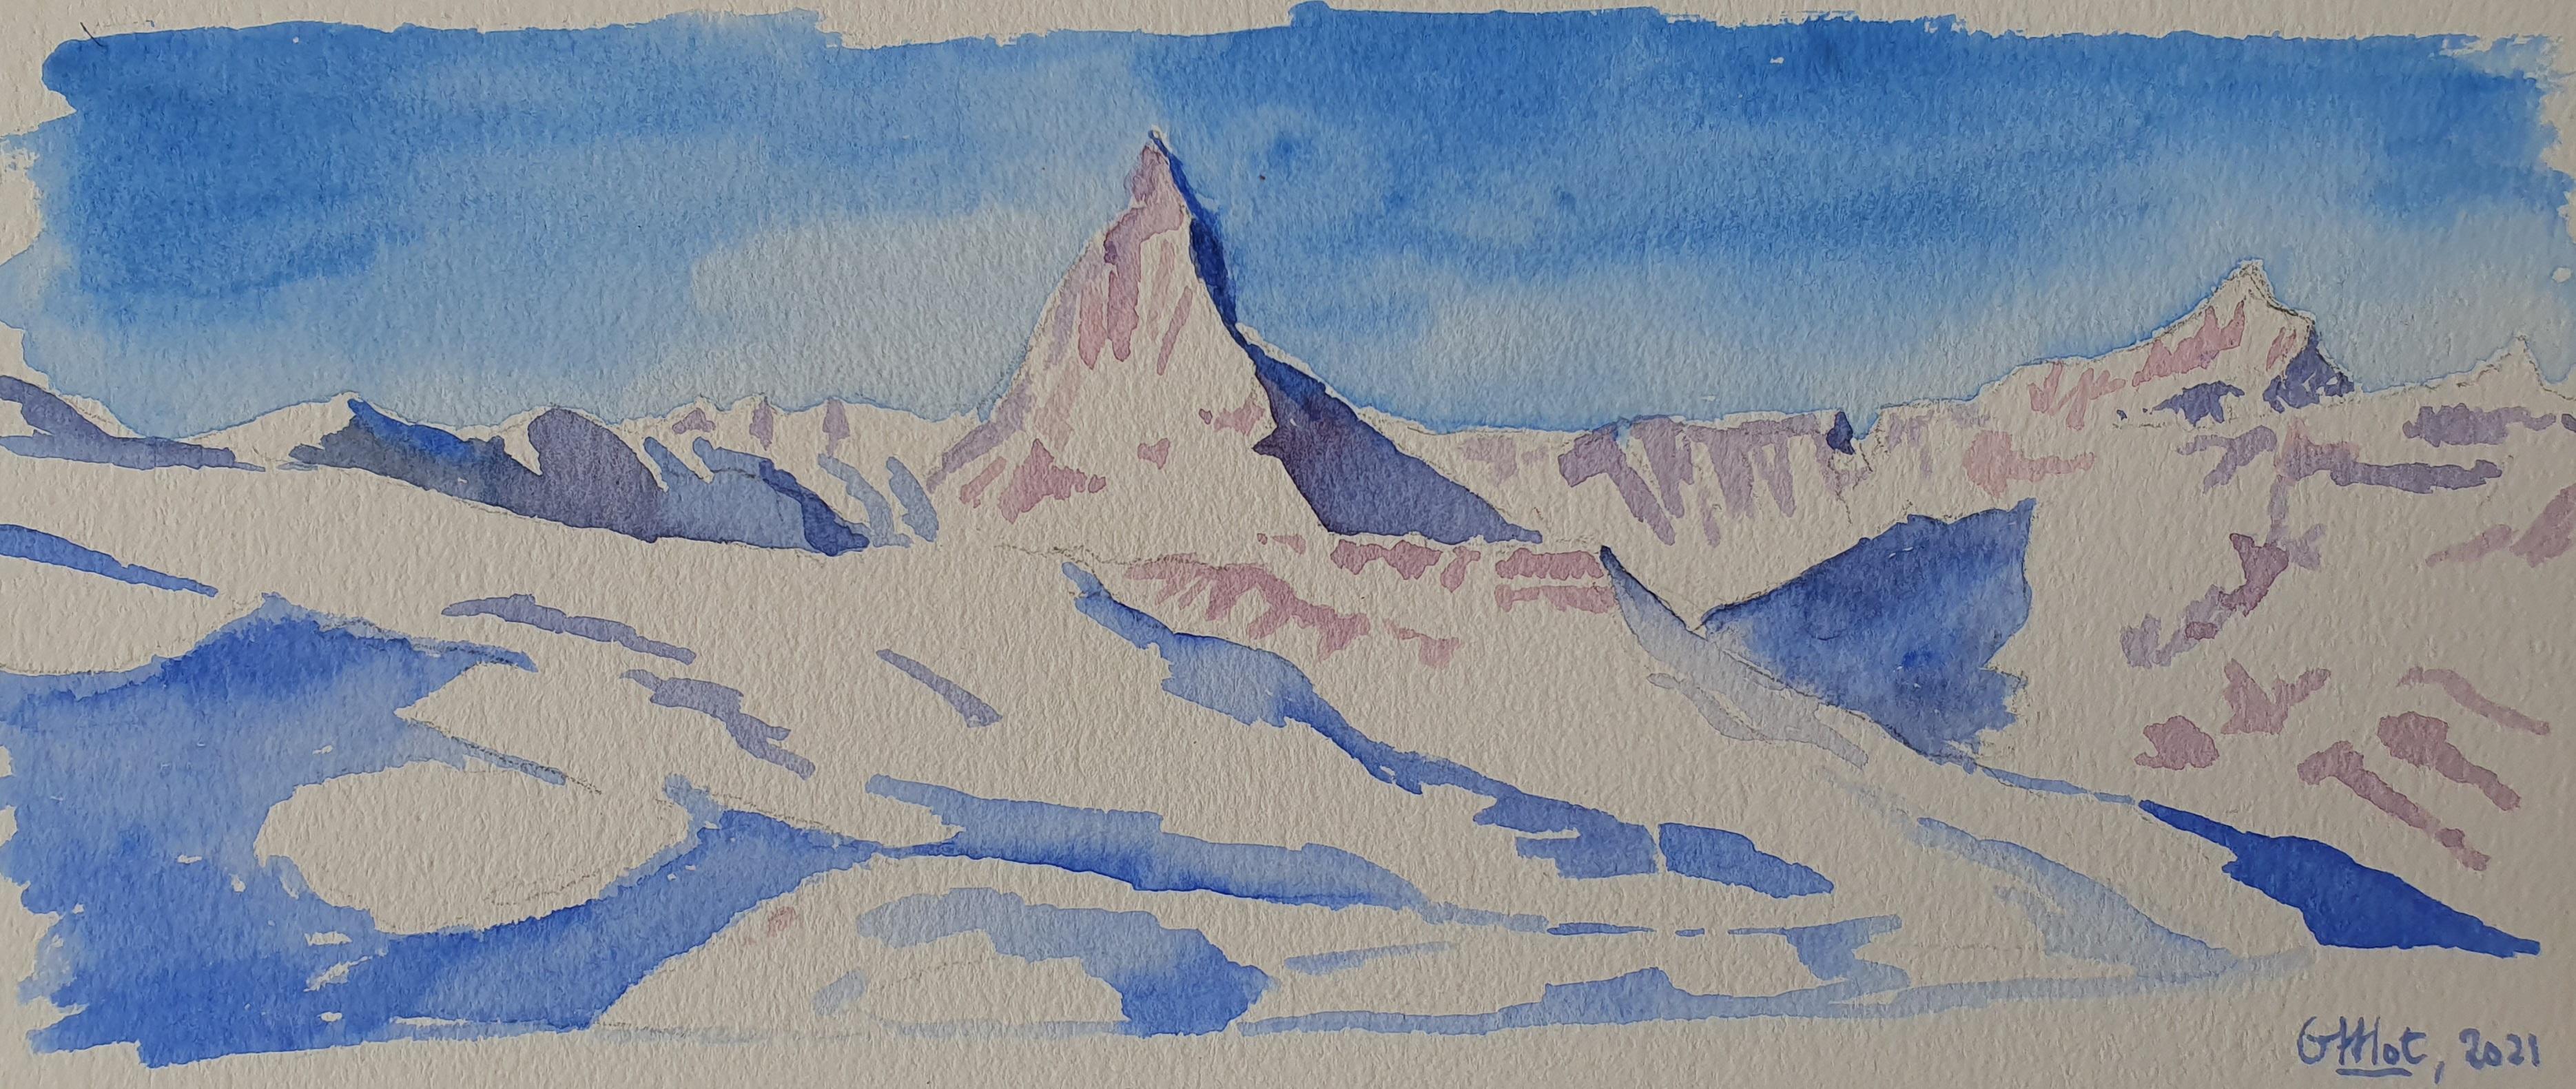 2021, Zermatt